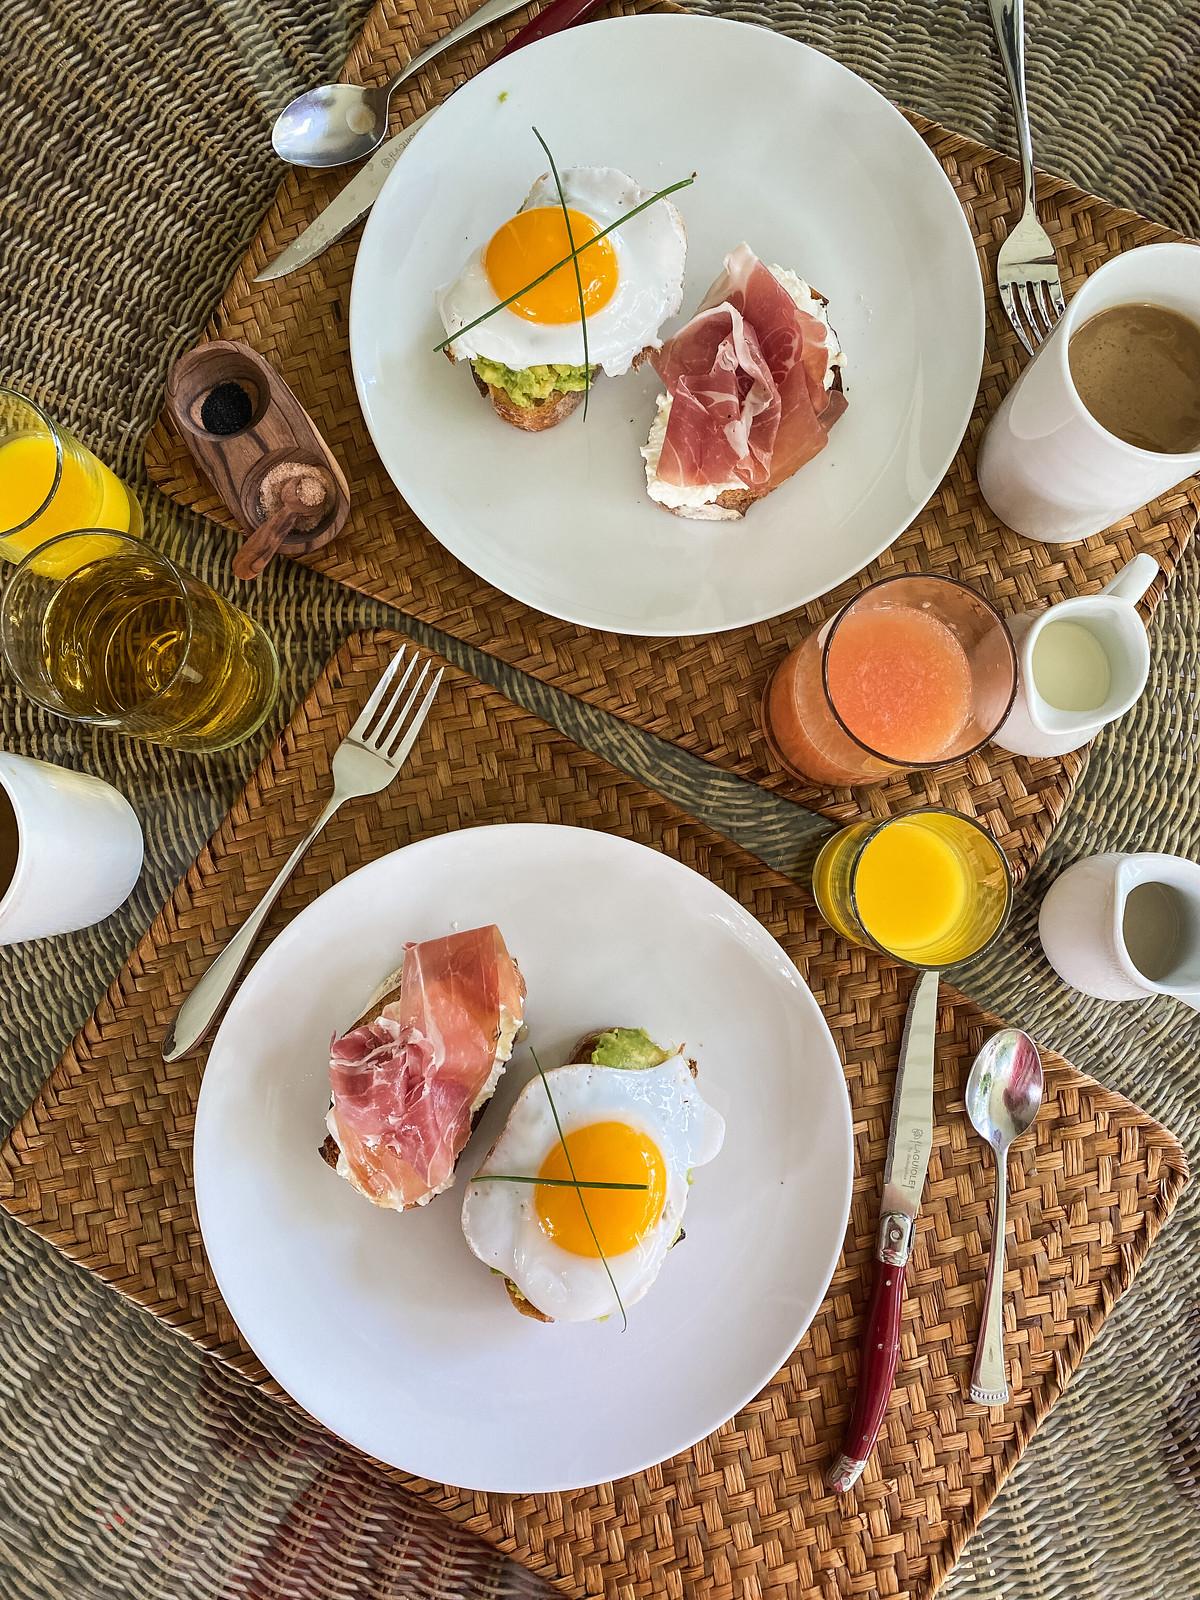 Avocado Toast Ricotta Toast Breakfast   The Harvest Inn Bed & Breakfast